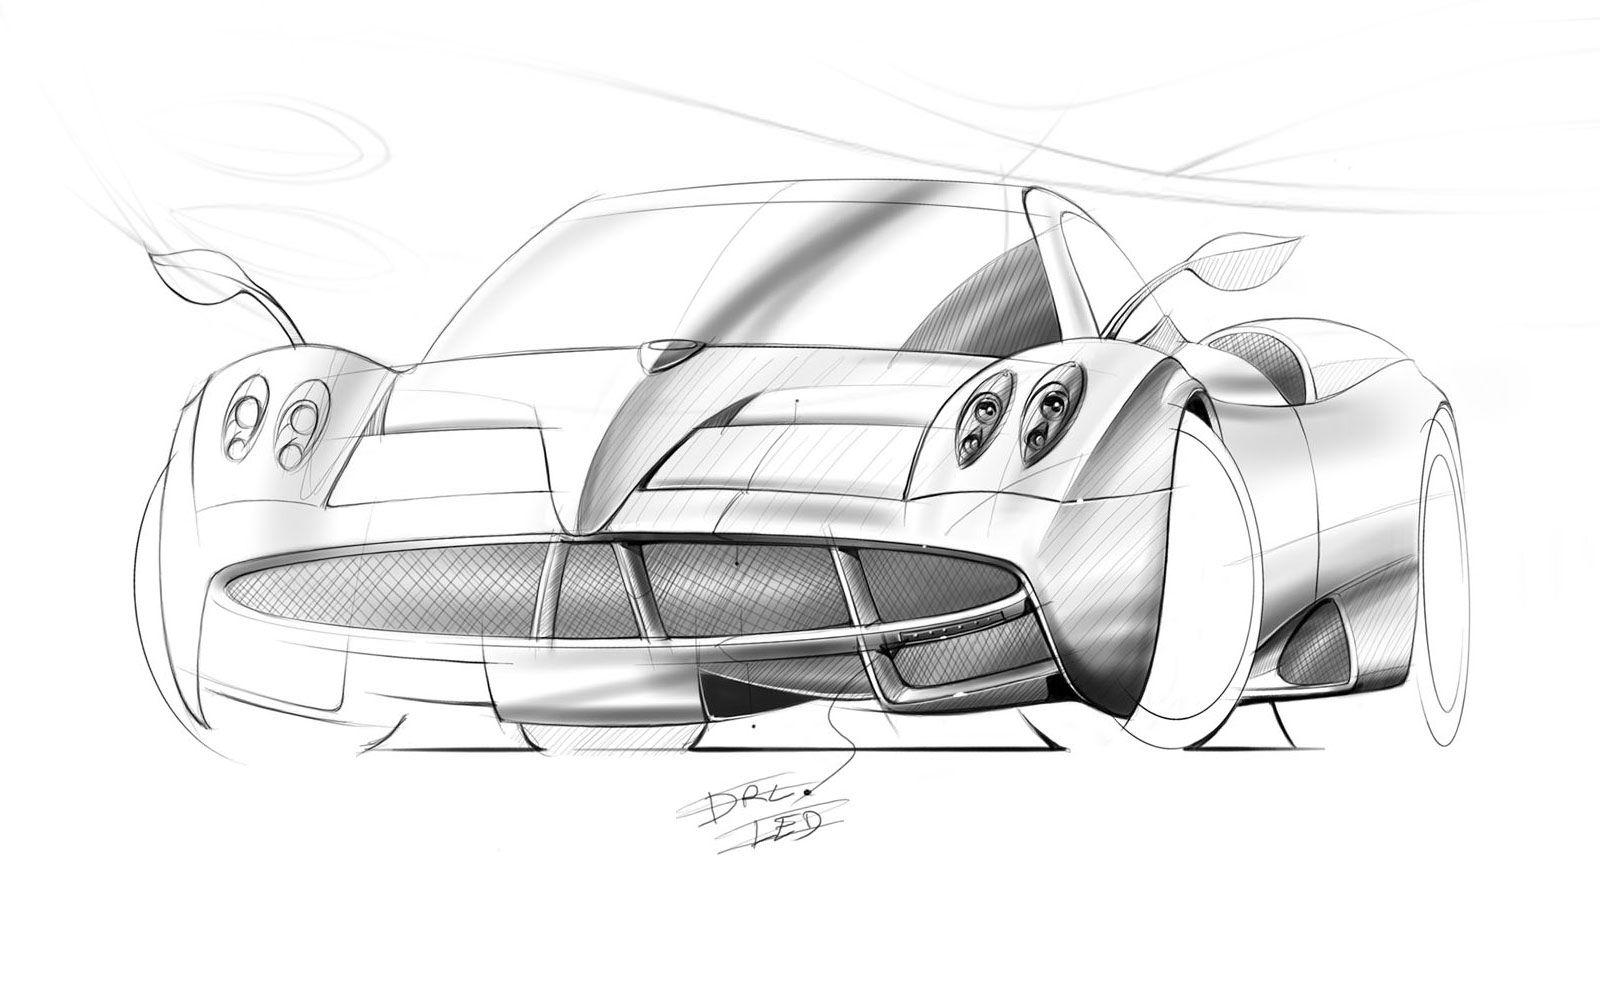 Pin von Meyson Thompson auf design de carros | Pinterest | Auto ...